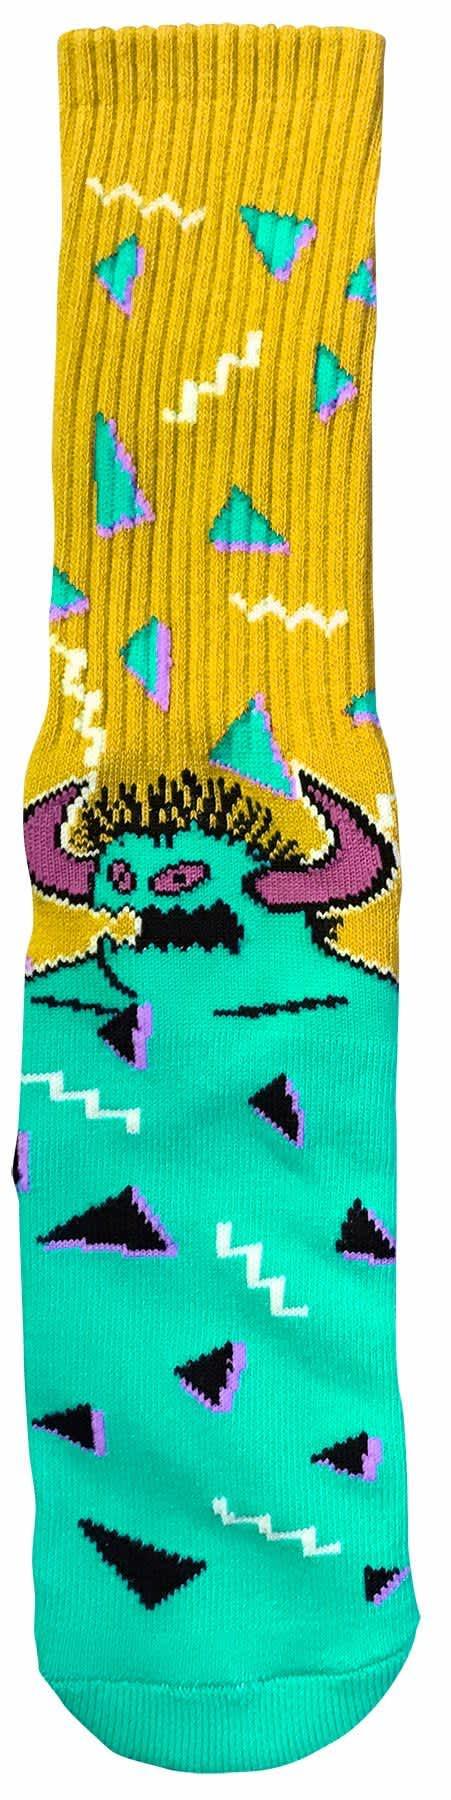 Toy Machine 80s Monster Crew Socks Yellow/Turq | Socks by Toy Machine 1